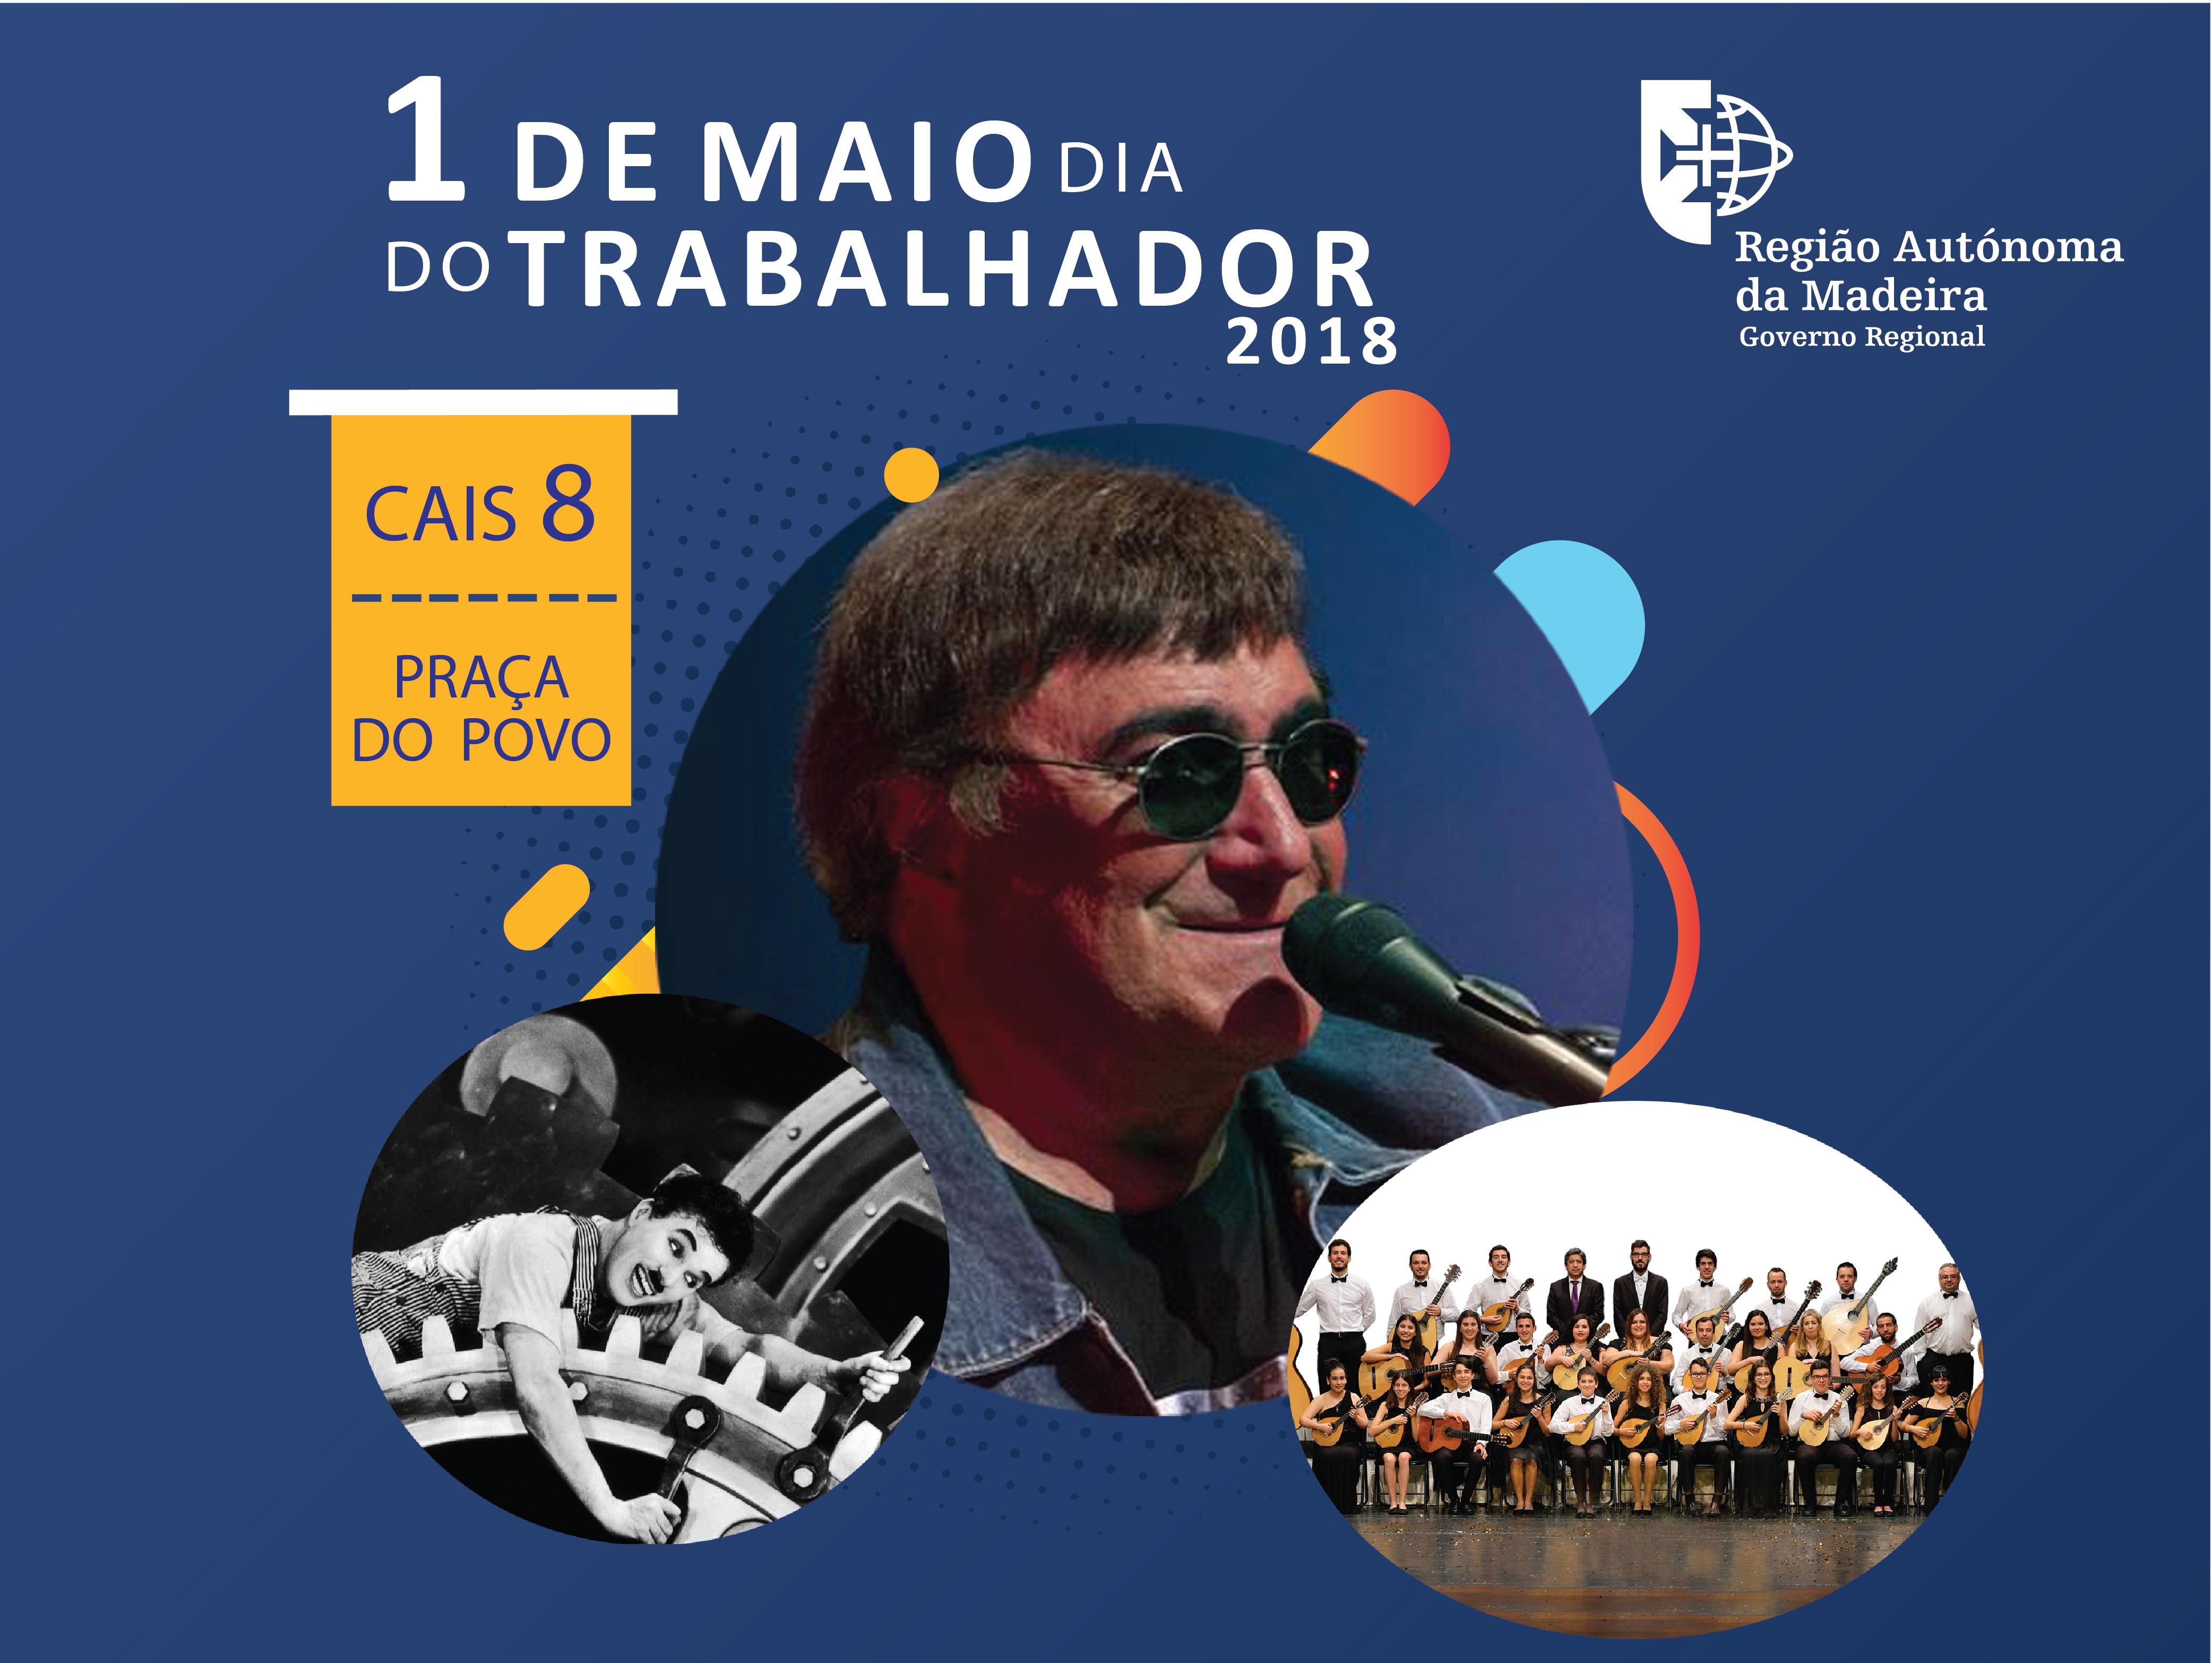 Governo Regional promove Dia do Trabalhador na Praça do Povo